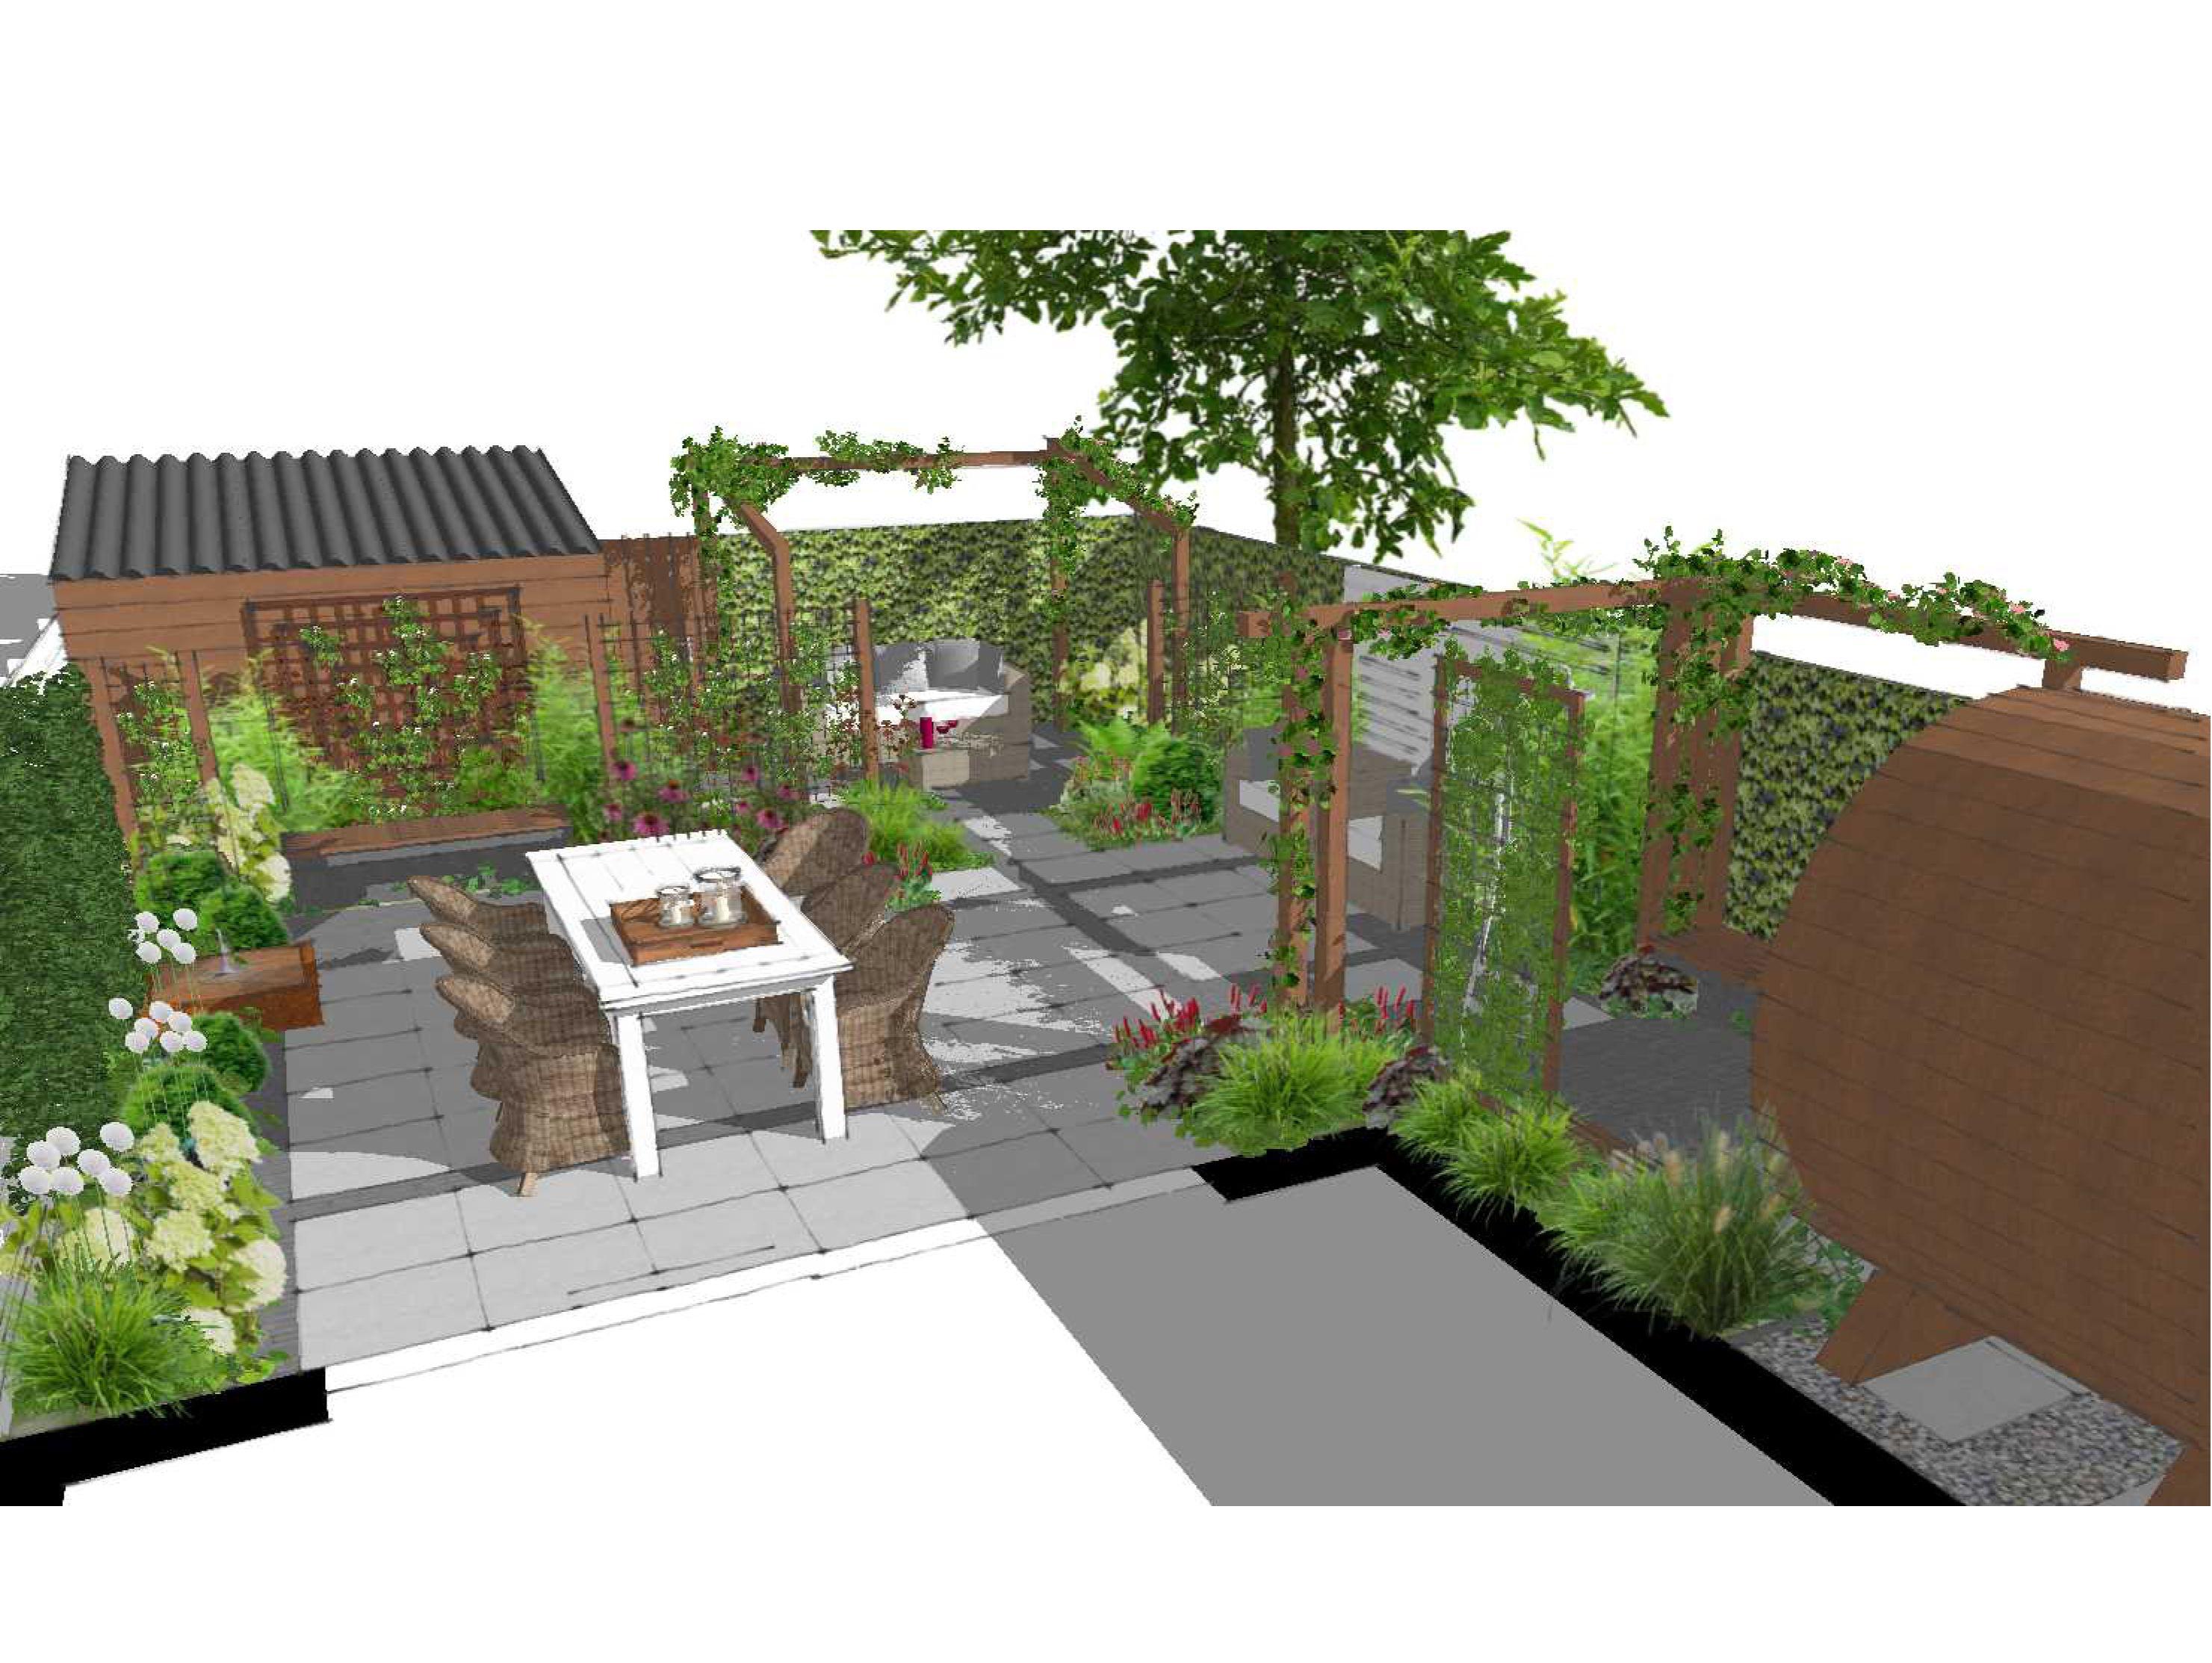 Tuinontwerp sketchup romantische tuin met barrel sauna bij nieuwbouwhuis sketch up - Tuinontwerp ...